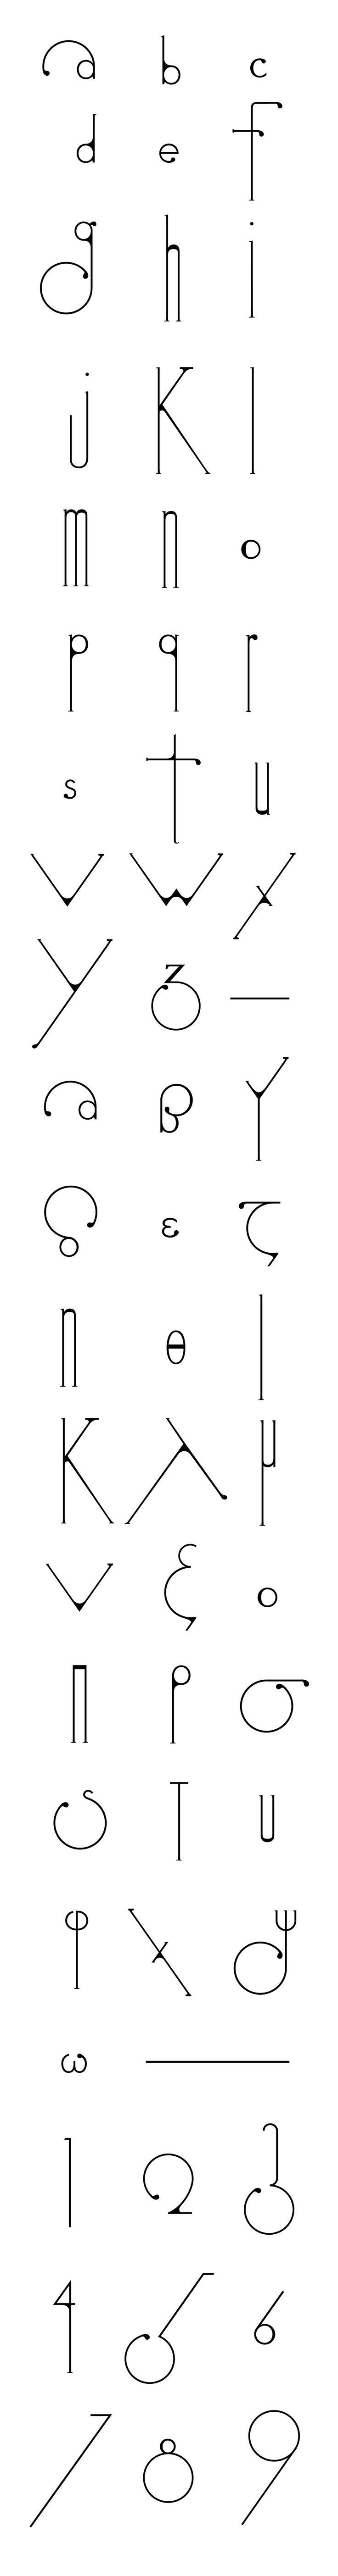 Futuracha het lettertype [gratis] op Behance